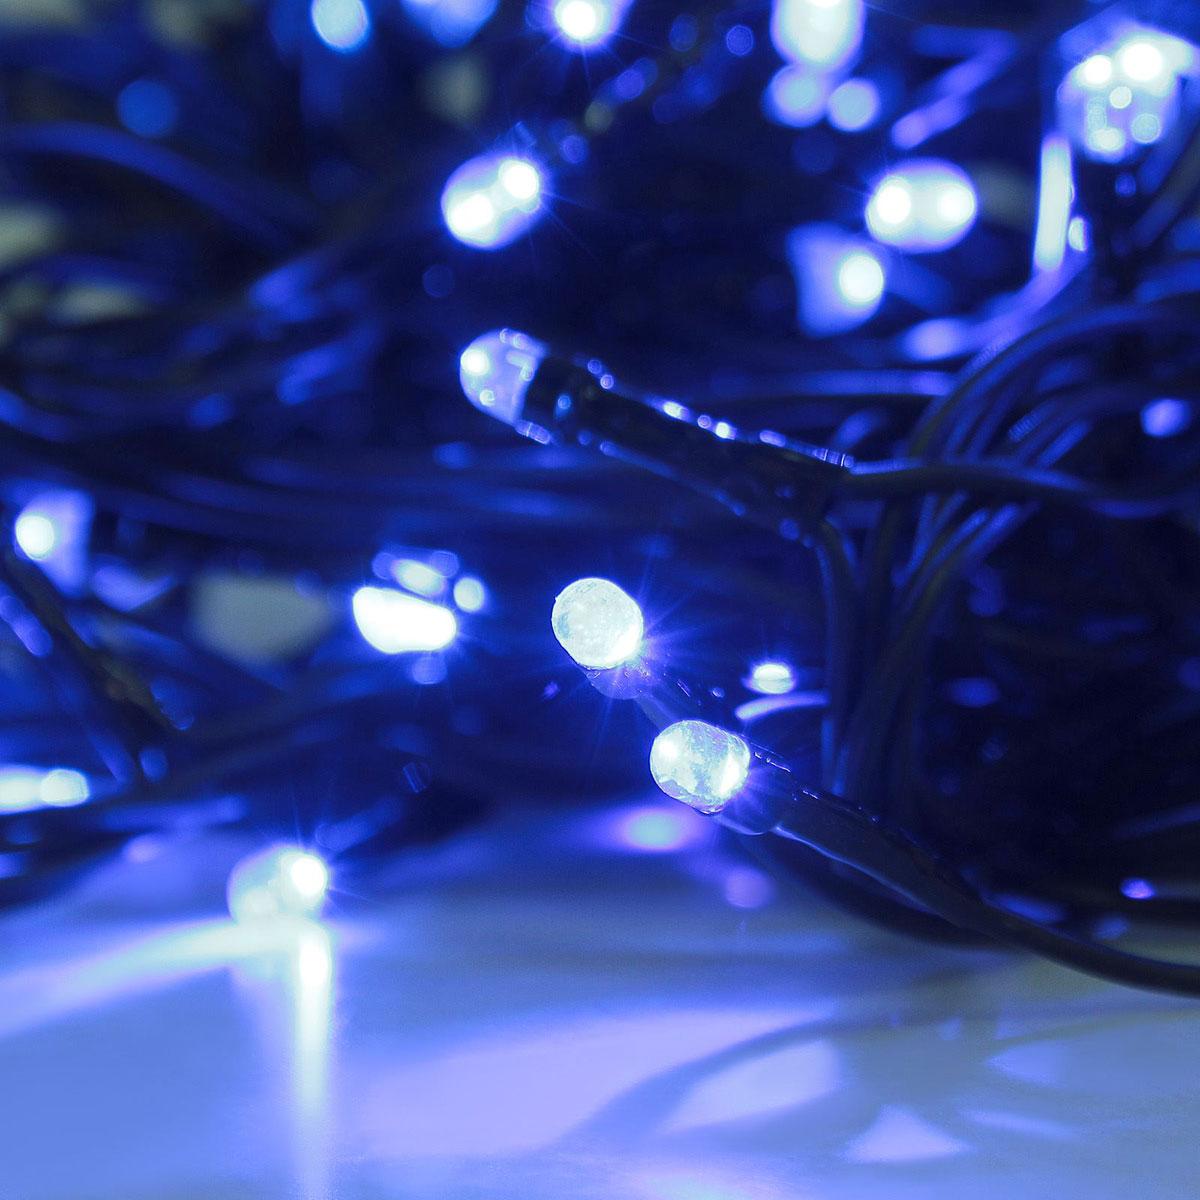 Гирлянда светодиодная Luazon Метраж, уличная, 50 ламп, 220 V, 5 м, цвет: синий. 187236187236Светодиодные гирлянды, ленты и т.д. — это отличный вариант для новогоднего оформления интерьера или фасада. С их помощью помещение любого размера можно превратить в праздничный зал, а внешние элементы зданий, украшенные ими, мгновенно станут напоминать очертания сказочного дворца. Такие украшения создают ауру предвкушения чуда. Деревья, фасады, витрины, окна и арки будто специально созданы, чтобы вы украсили их светящимися нитями.Гирлянда оснащена коннекторами УМС (универсальной монтажной системой), используйте их для соединения однотипных гирлянд. Подключите к гирлянде контроллер советующей мощности (в комплект не входит).